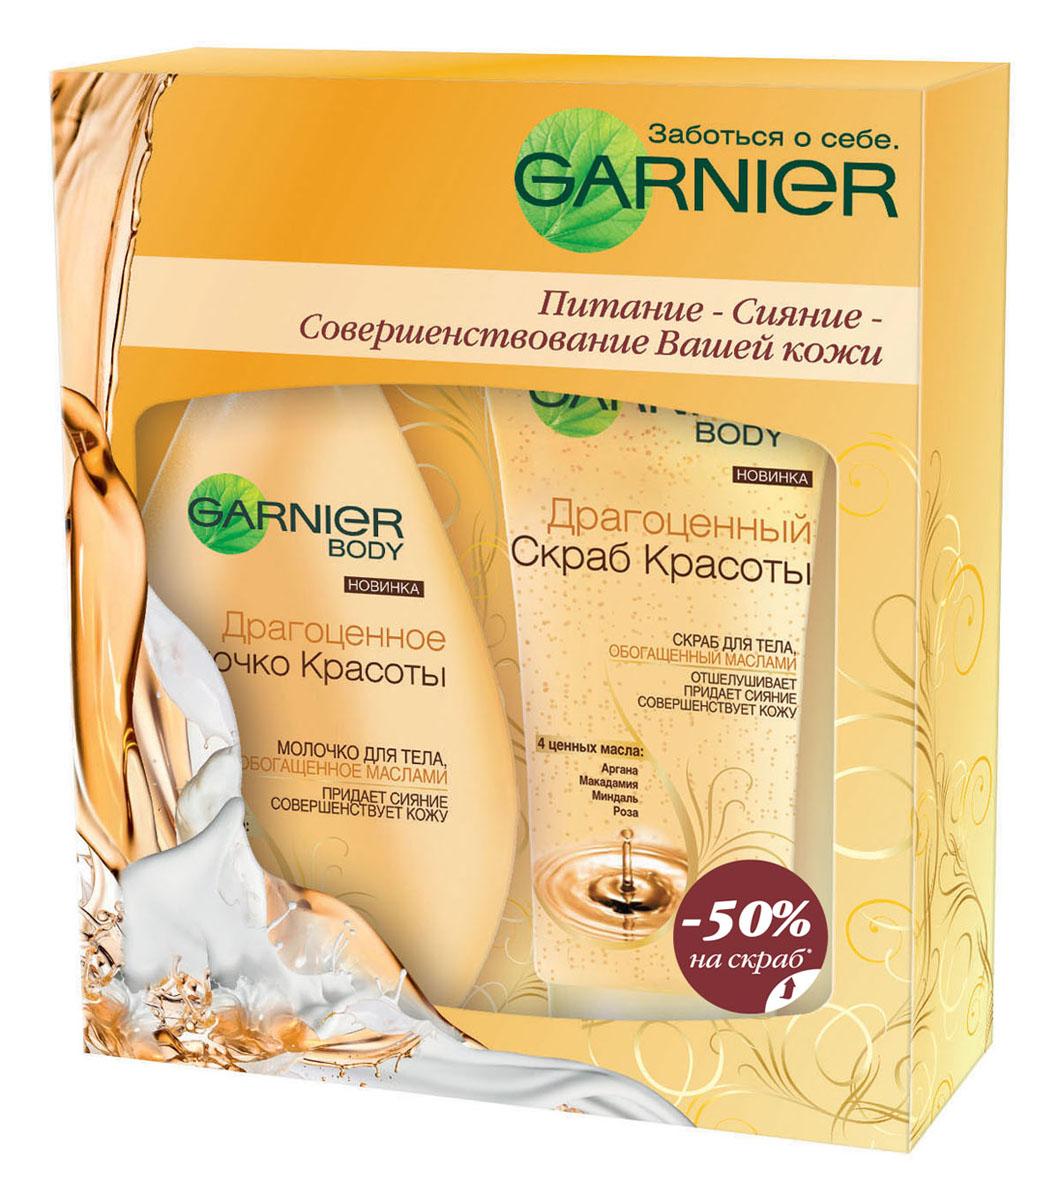 Garnier Подарочный набор: Молочко для тела Драгоценное молочко красоты, обогащающее, 250 мл + Скраб для тела Драгоценный скраб красоты, питающий, 200 млXRU02872Драгоценное молочко красоты, обогащенное 4-мя ценными маслами: арганы, макадамии, миндаля и розы, интенсивно питает и совершенствует кожу тела. Молочко быстро впитывается и подходит для ежедневного использования. Придает коже чувственный аромат. + Драгоценный скраб красоты, содержащий семена плодового дерева Купуасу и комплекс 4 драгоценных масел бережно устраняет мертвые клетки с поверхности кожи, делая ее мягкой и сияющей. Это прекрасное дополнение к Драгоценному Молочку или Маслу.